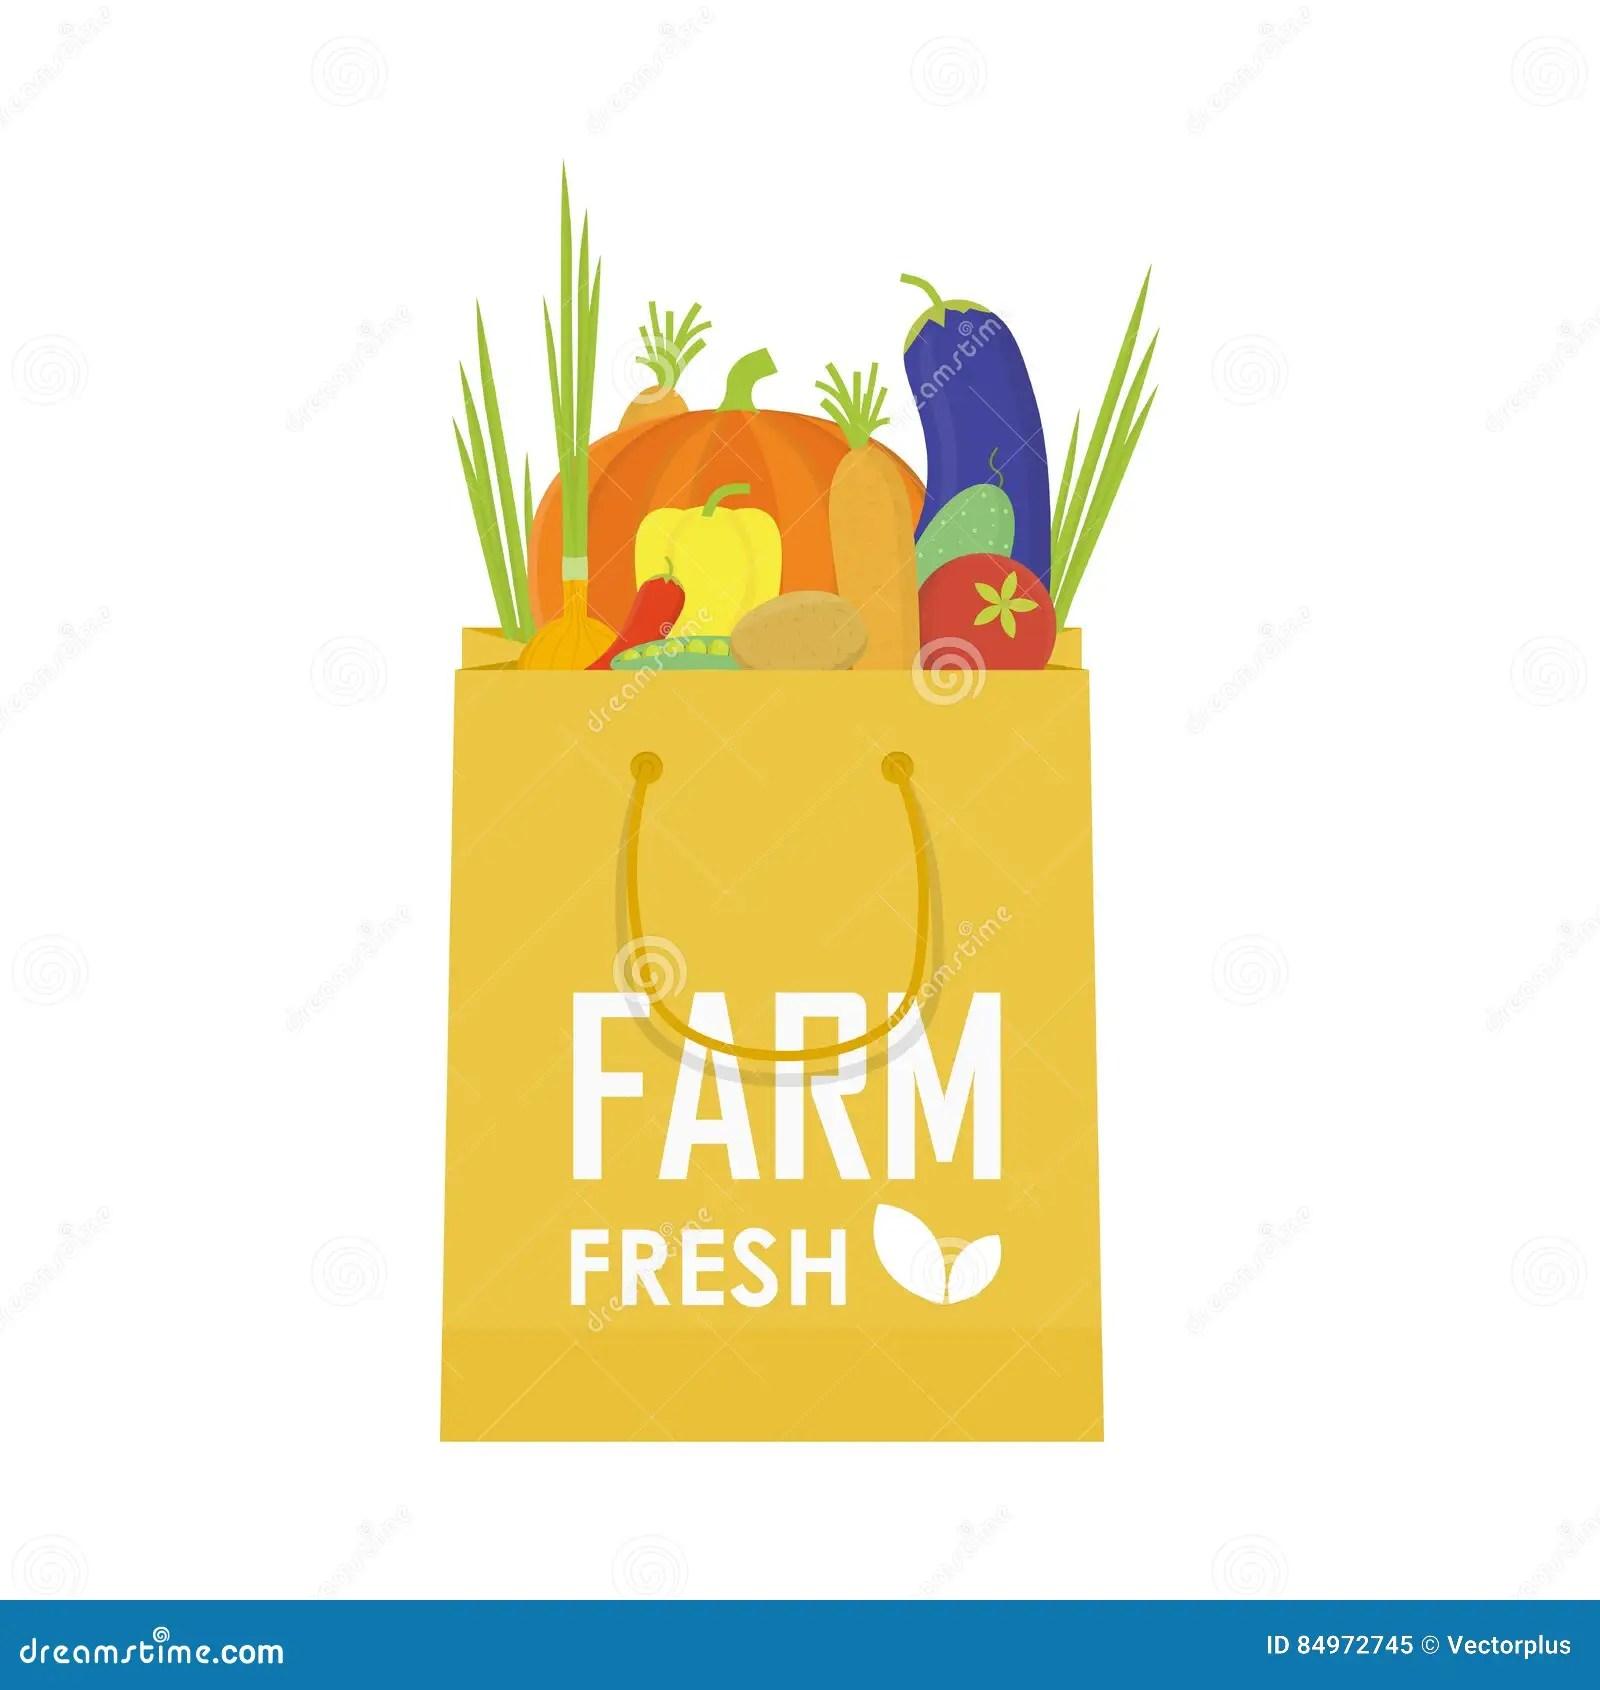 Farm Fresh Spa Products